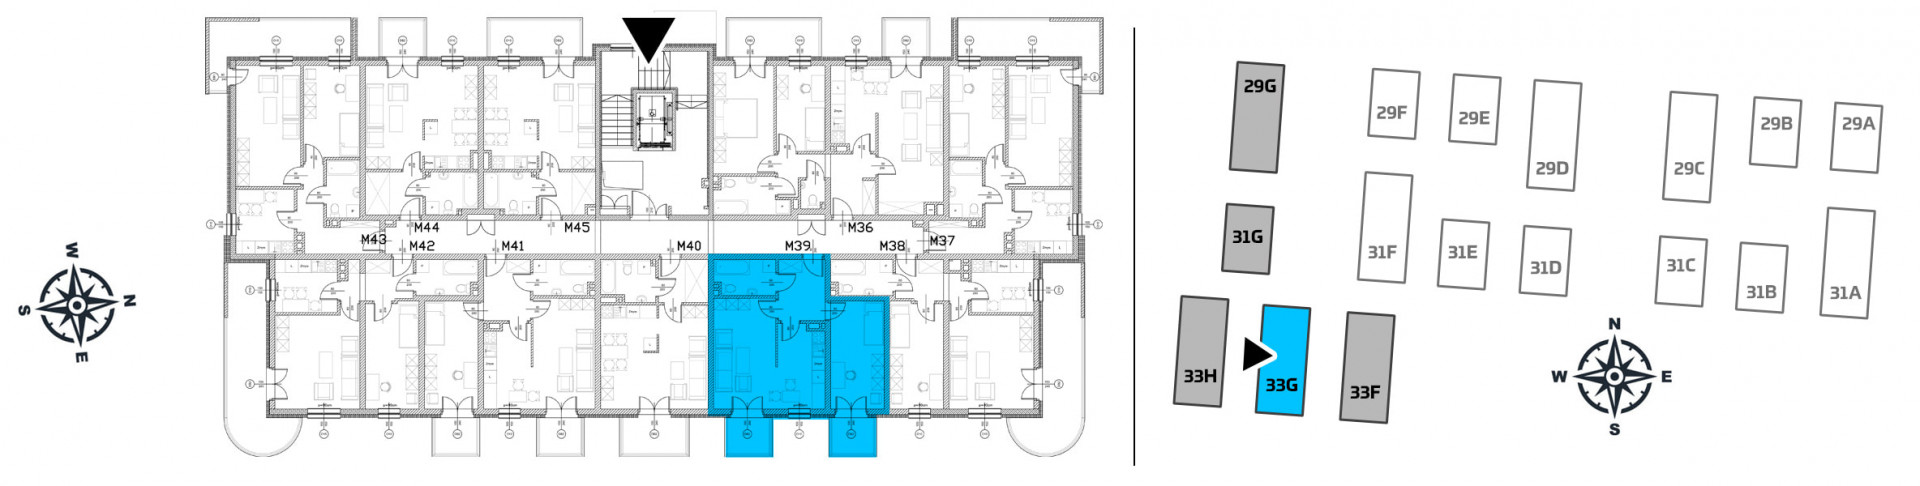 Mieszkanie dwupokojowe 33G/39 rzut 2